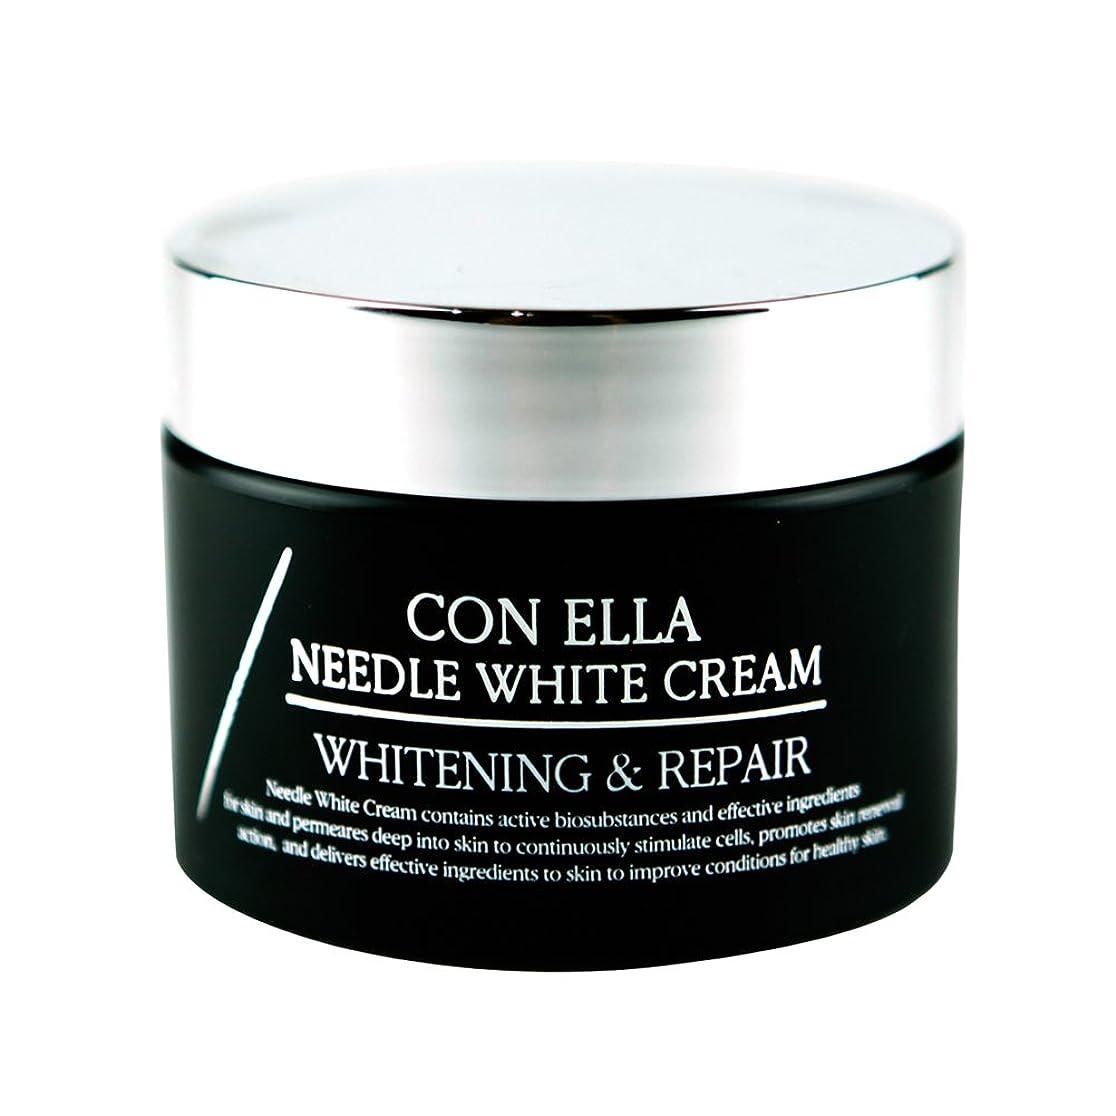 マダム可決シールド(コンエヤ) CONELLA NEEDLE WHITE CREAM ニードルホワイトクリーム 美白 しわ改善 ホワイトニング リペア 韓国コスメ